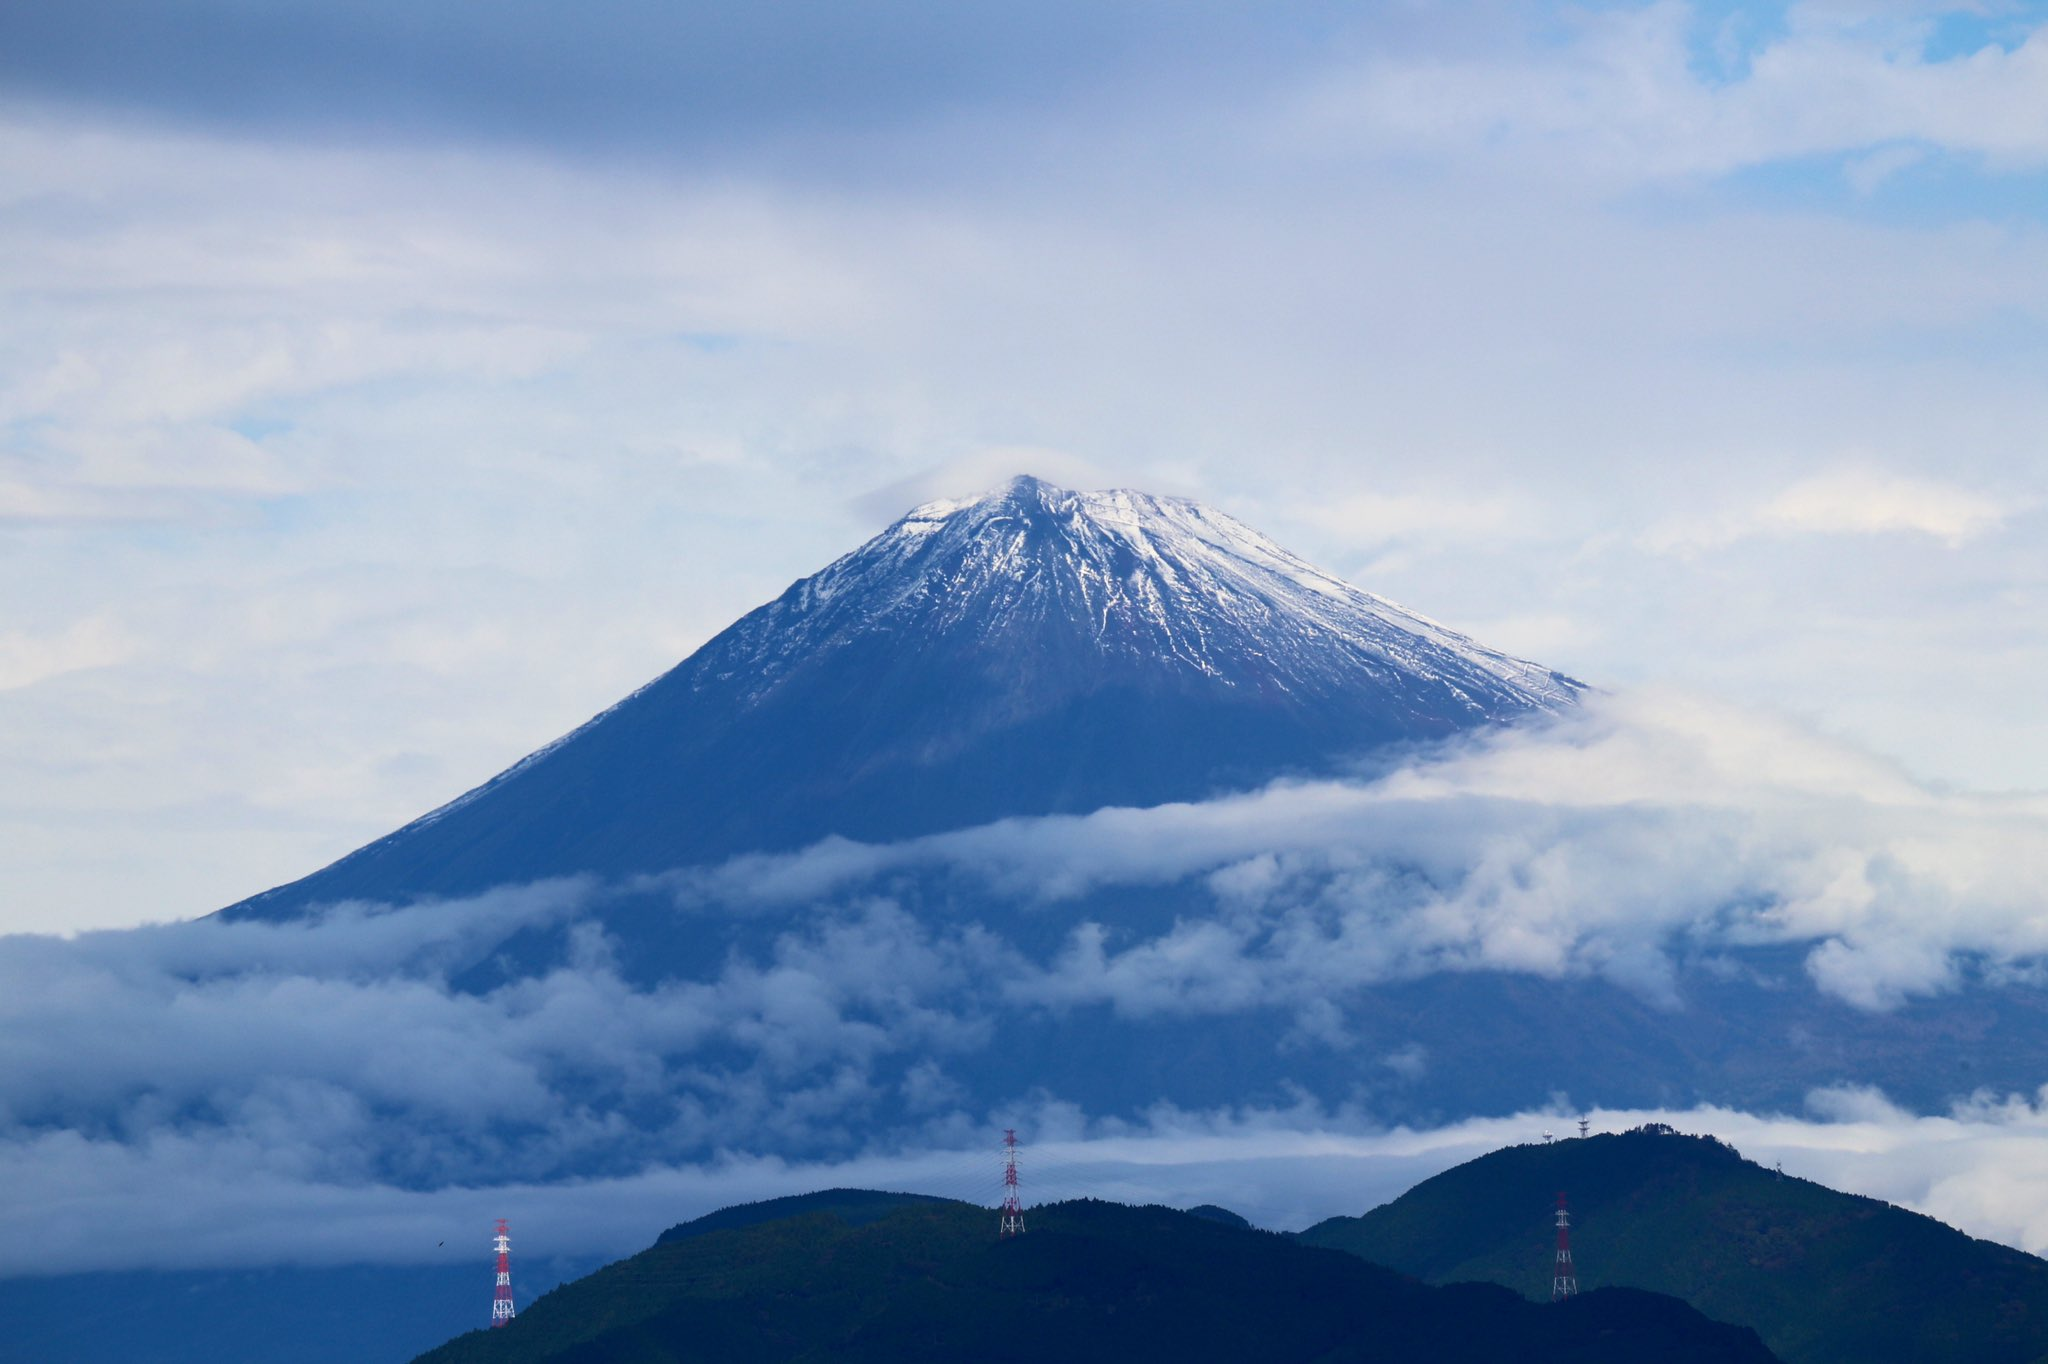 【即位礼正殿の儀】に合わせて富士山もお祝いに顔を出した!!